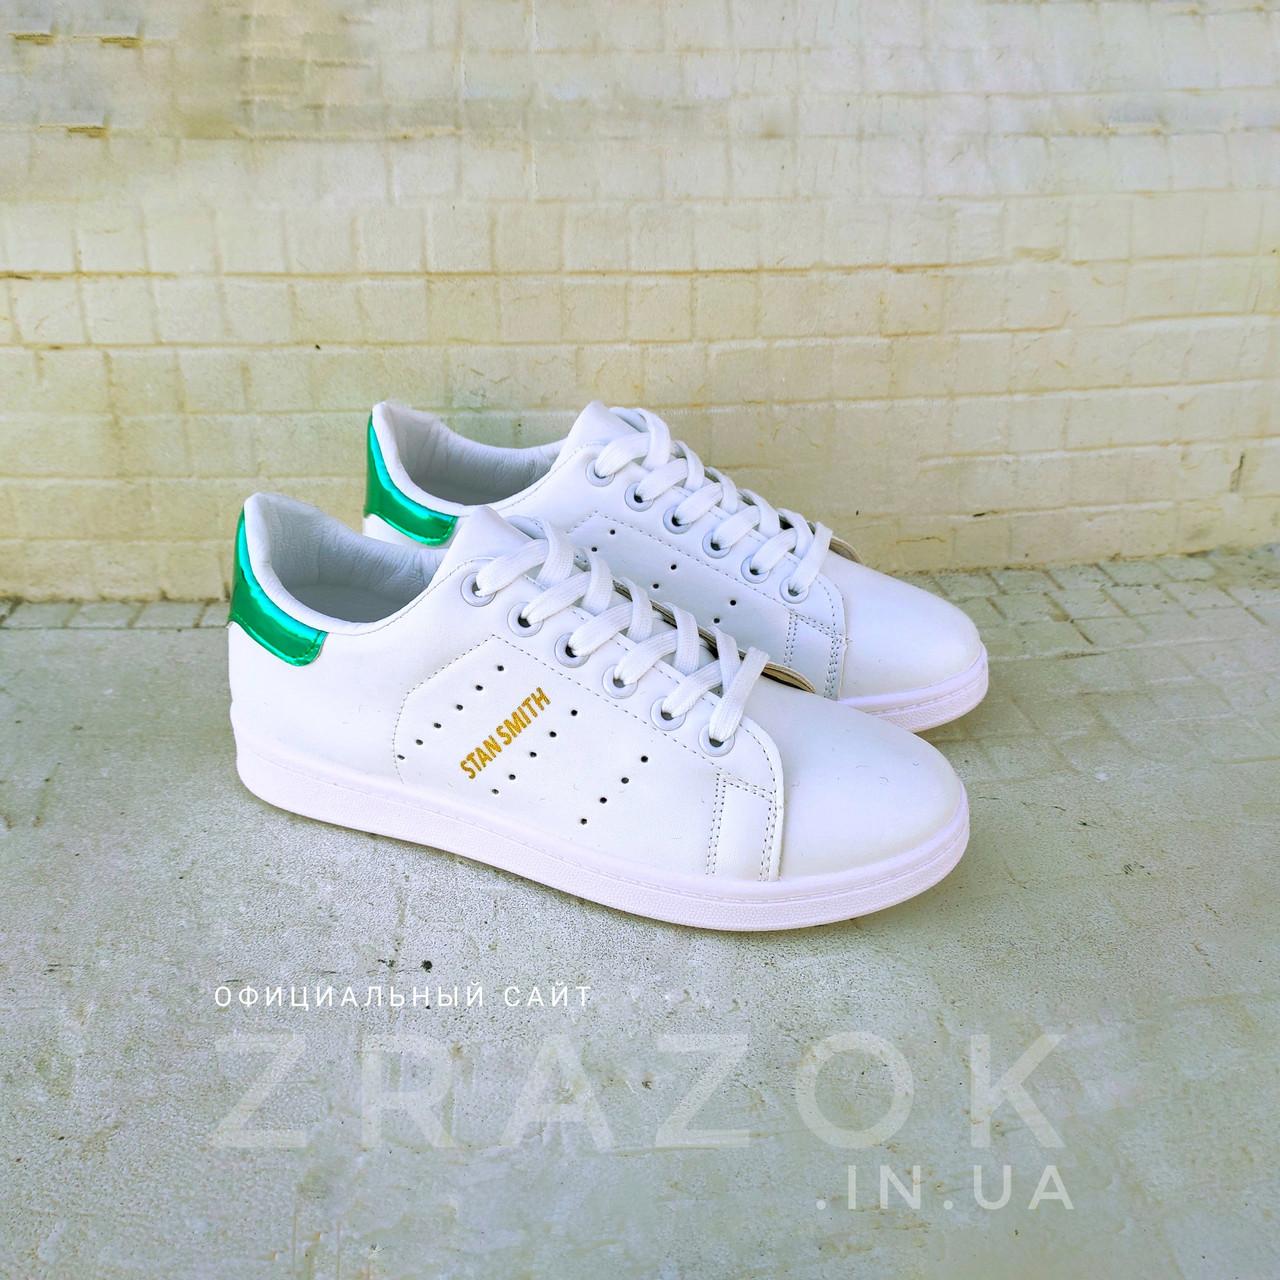 Білі літні кросівки еко шкіра шкіряні в дизайні adidas stan smith жіночі